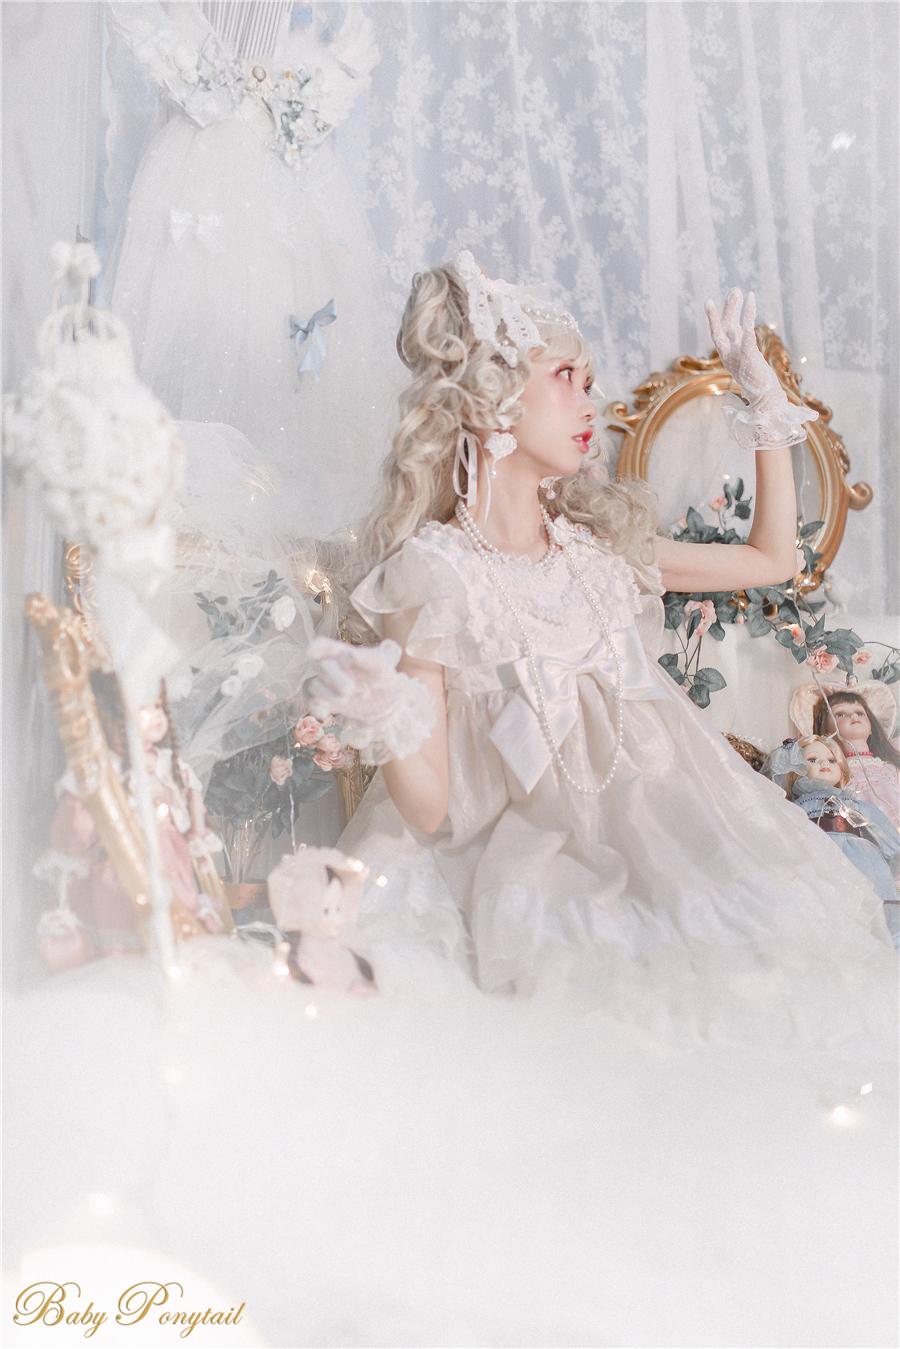 Babyponytail_Model Photo_Present Angel_JSK white_2_Kaka_13.jpg